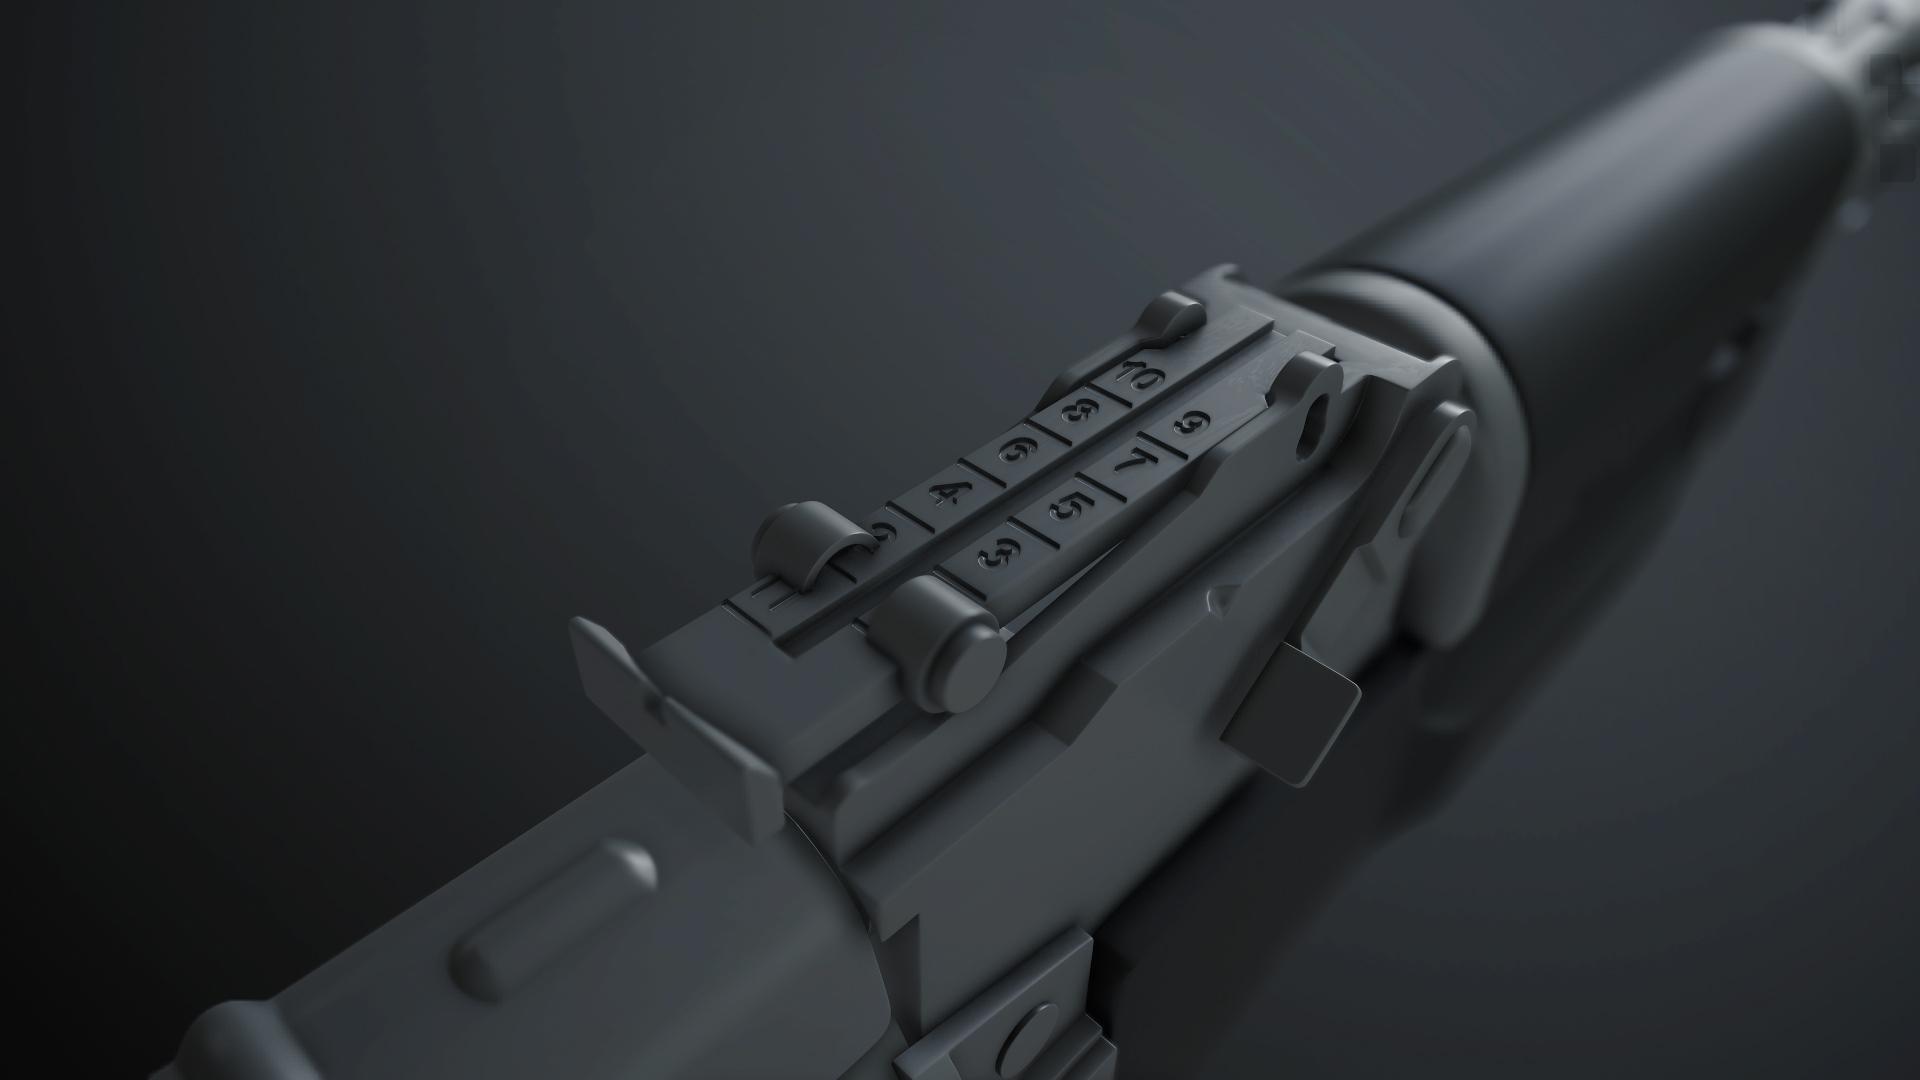 Ak-47 Rear sight